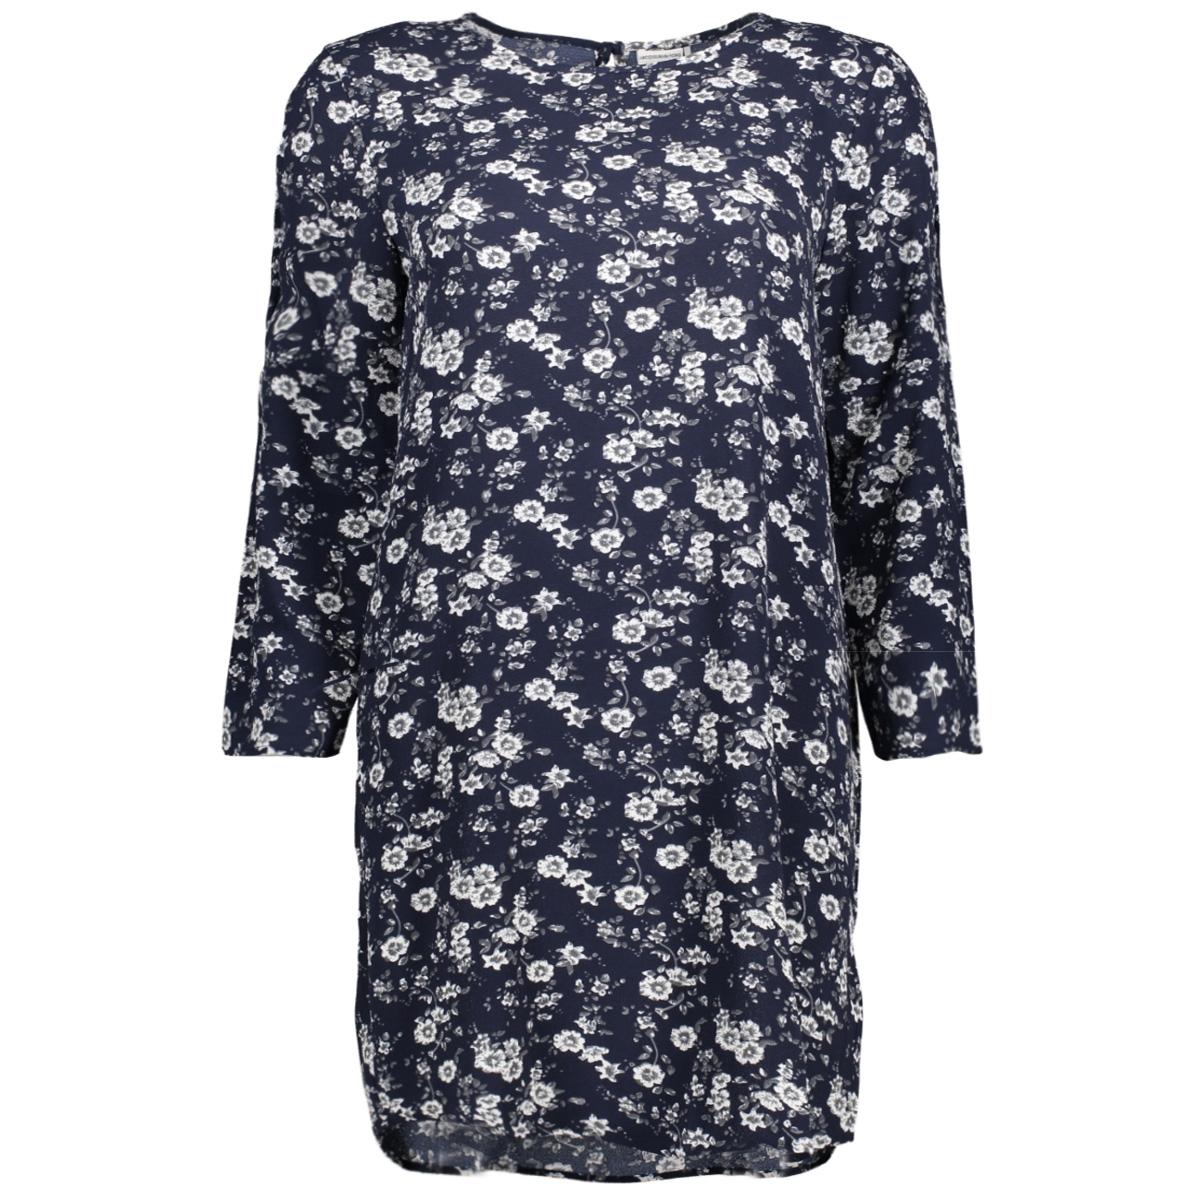 jdydaya 3/4 aop dress wvn 15139228 jacqueline de yong jurk dark navy/daya flower